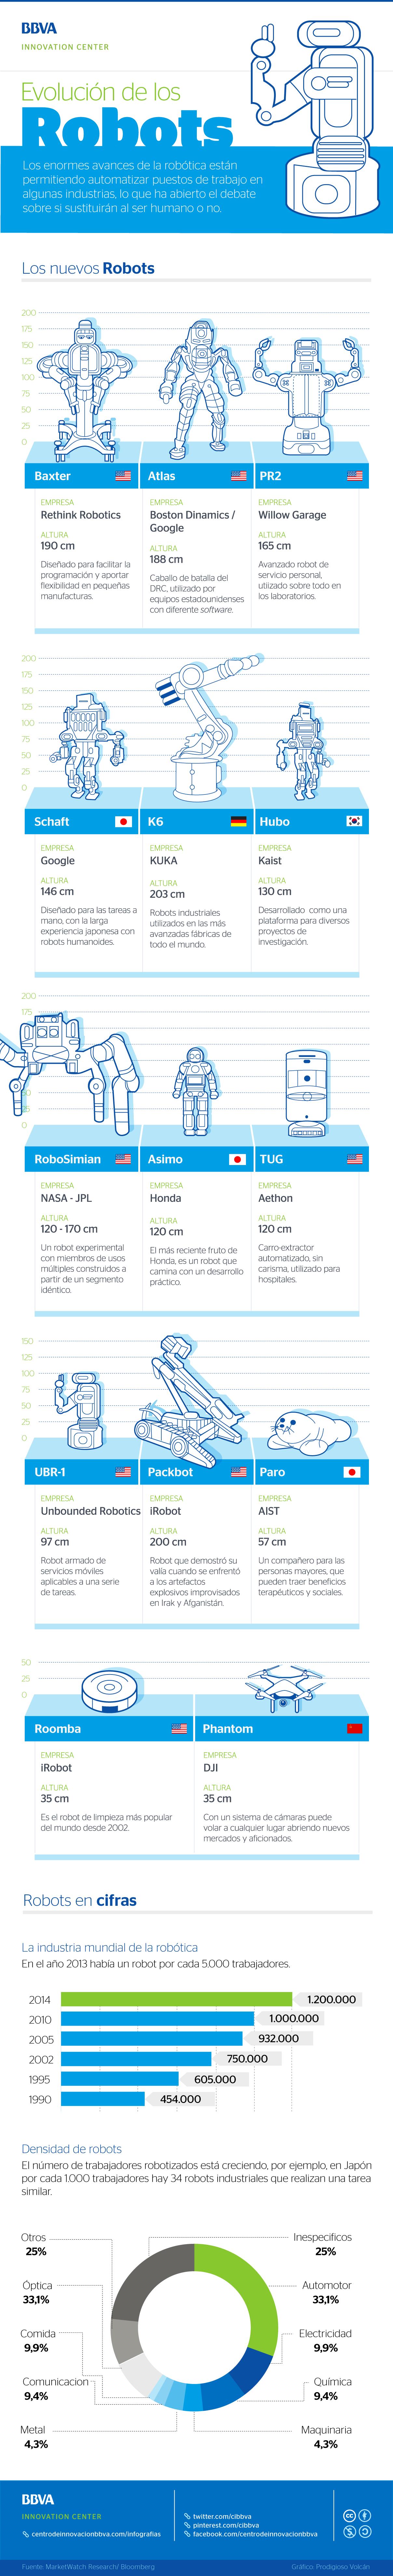 Infografía evolución de los robots